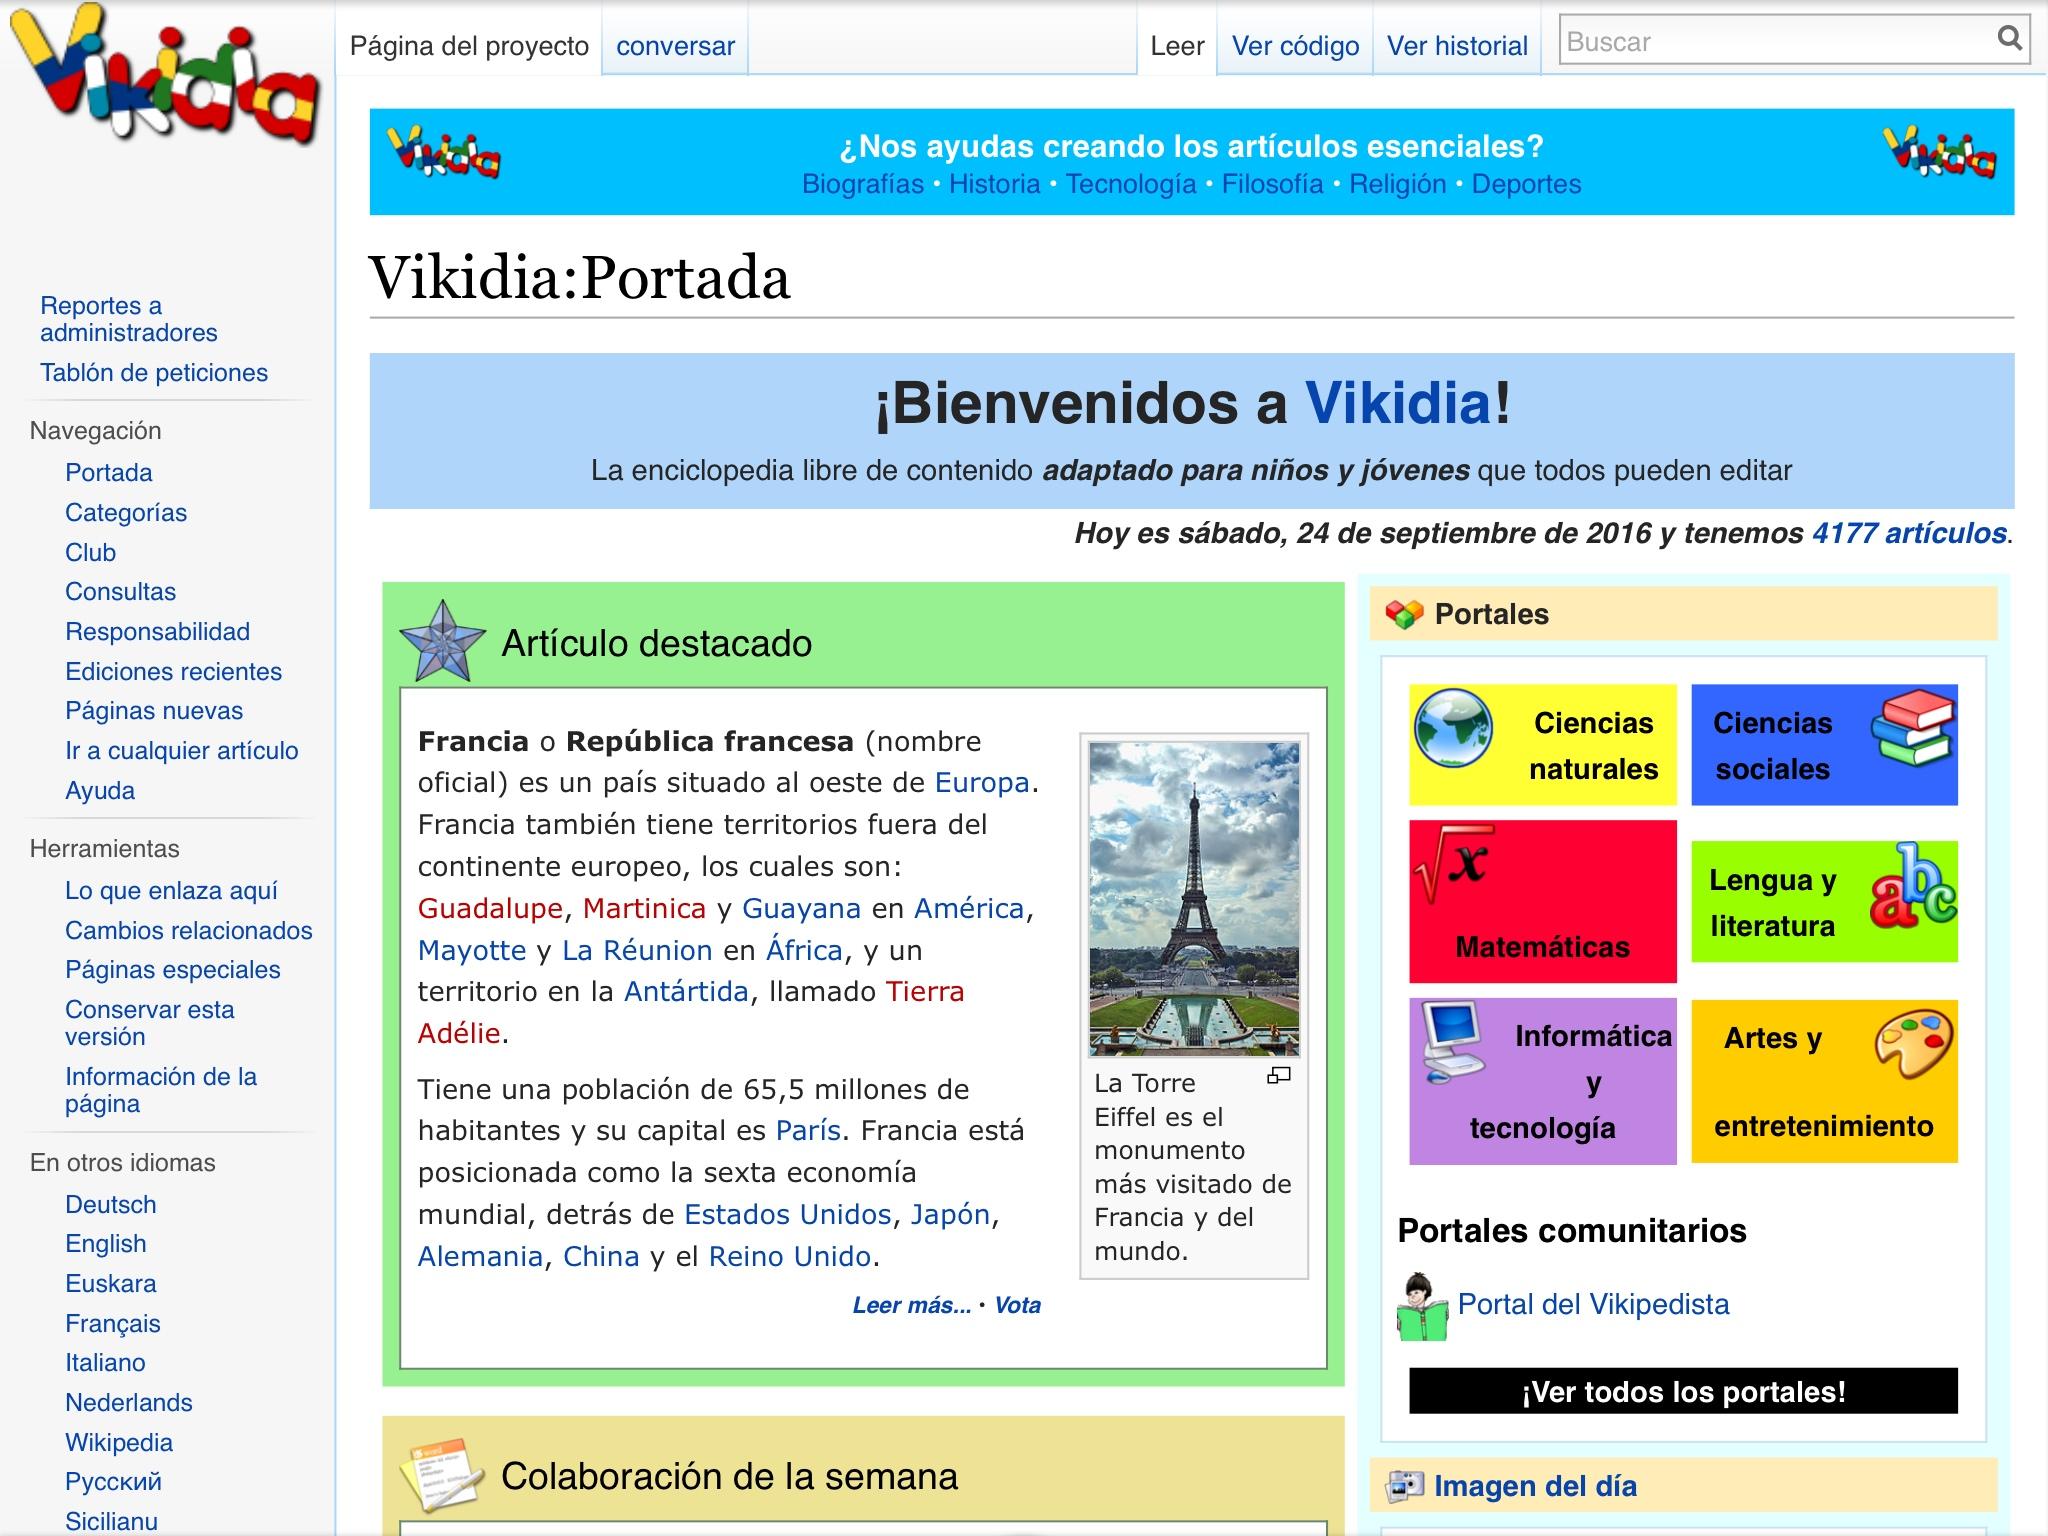 Vikidia en espagnol